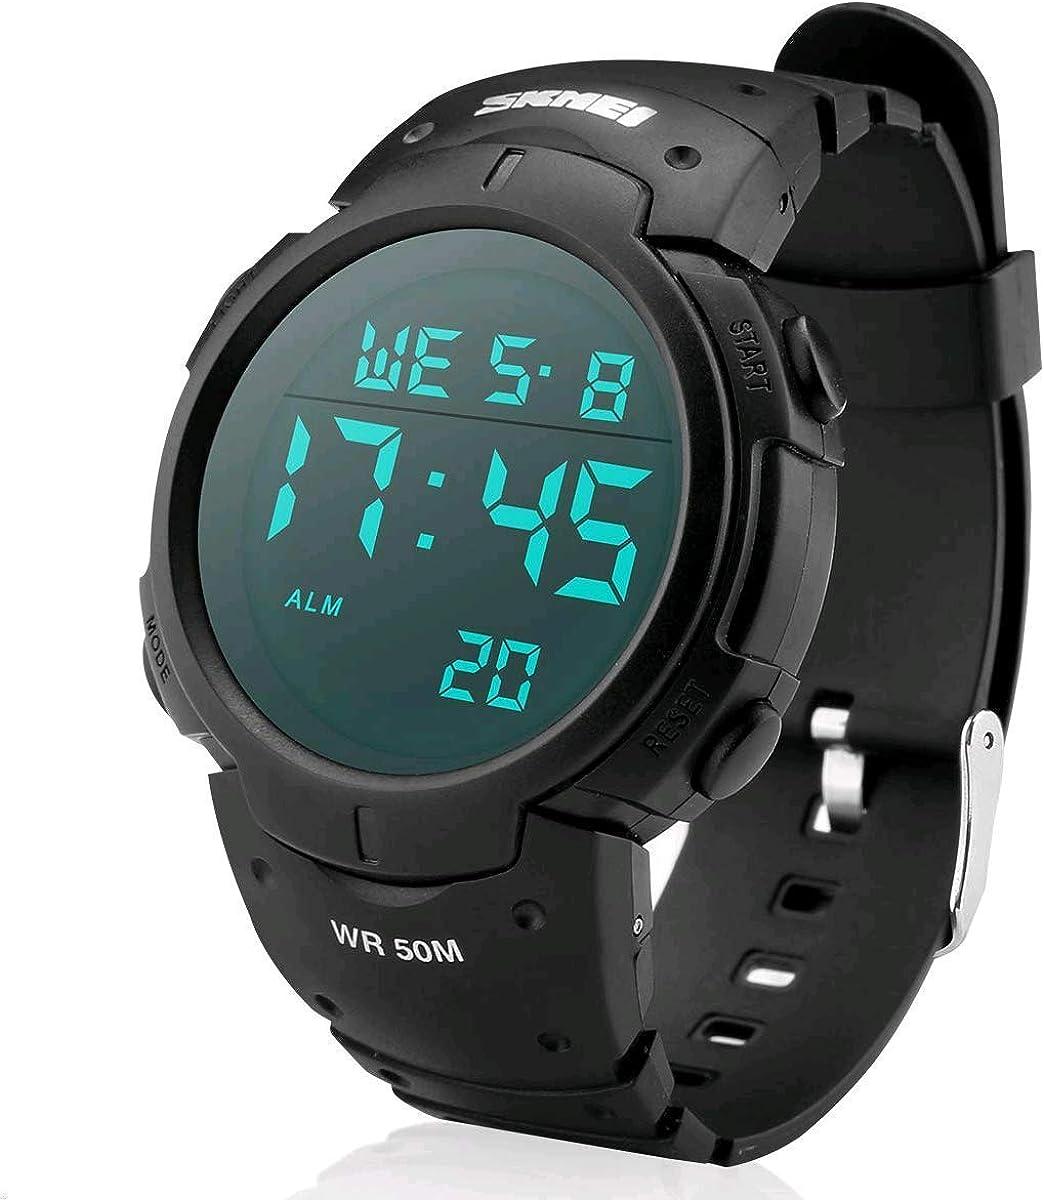 Reloj Electronico,Digital Reloj Deportivo Militar Impermeable de 50m de Multifunciones con Cronómetro, Cronógrafo, Fecha y Alarma, de Goma para Deportes Exteriores para Hombres (Negro)